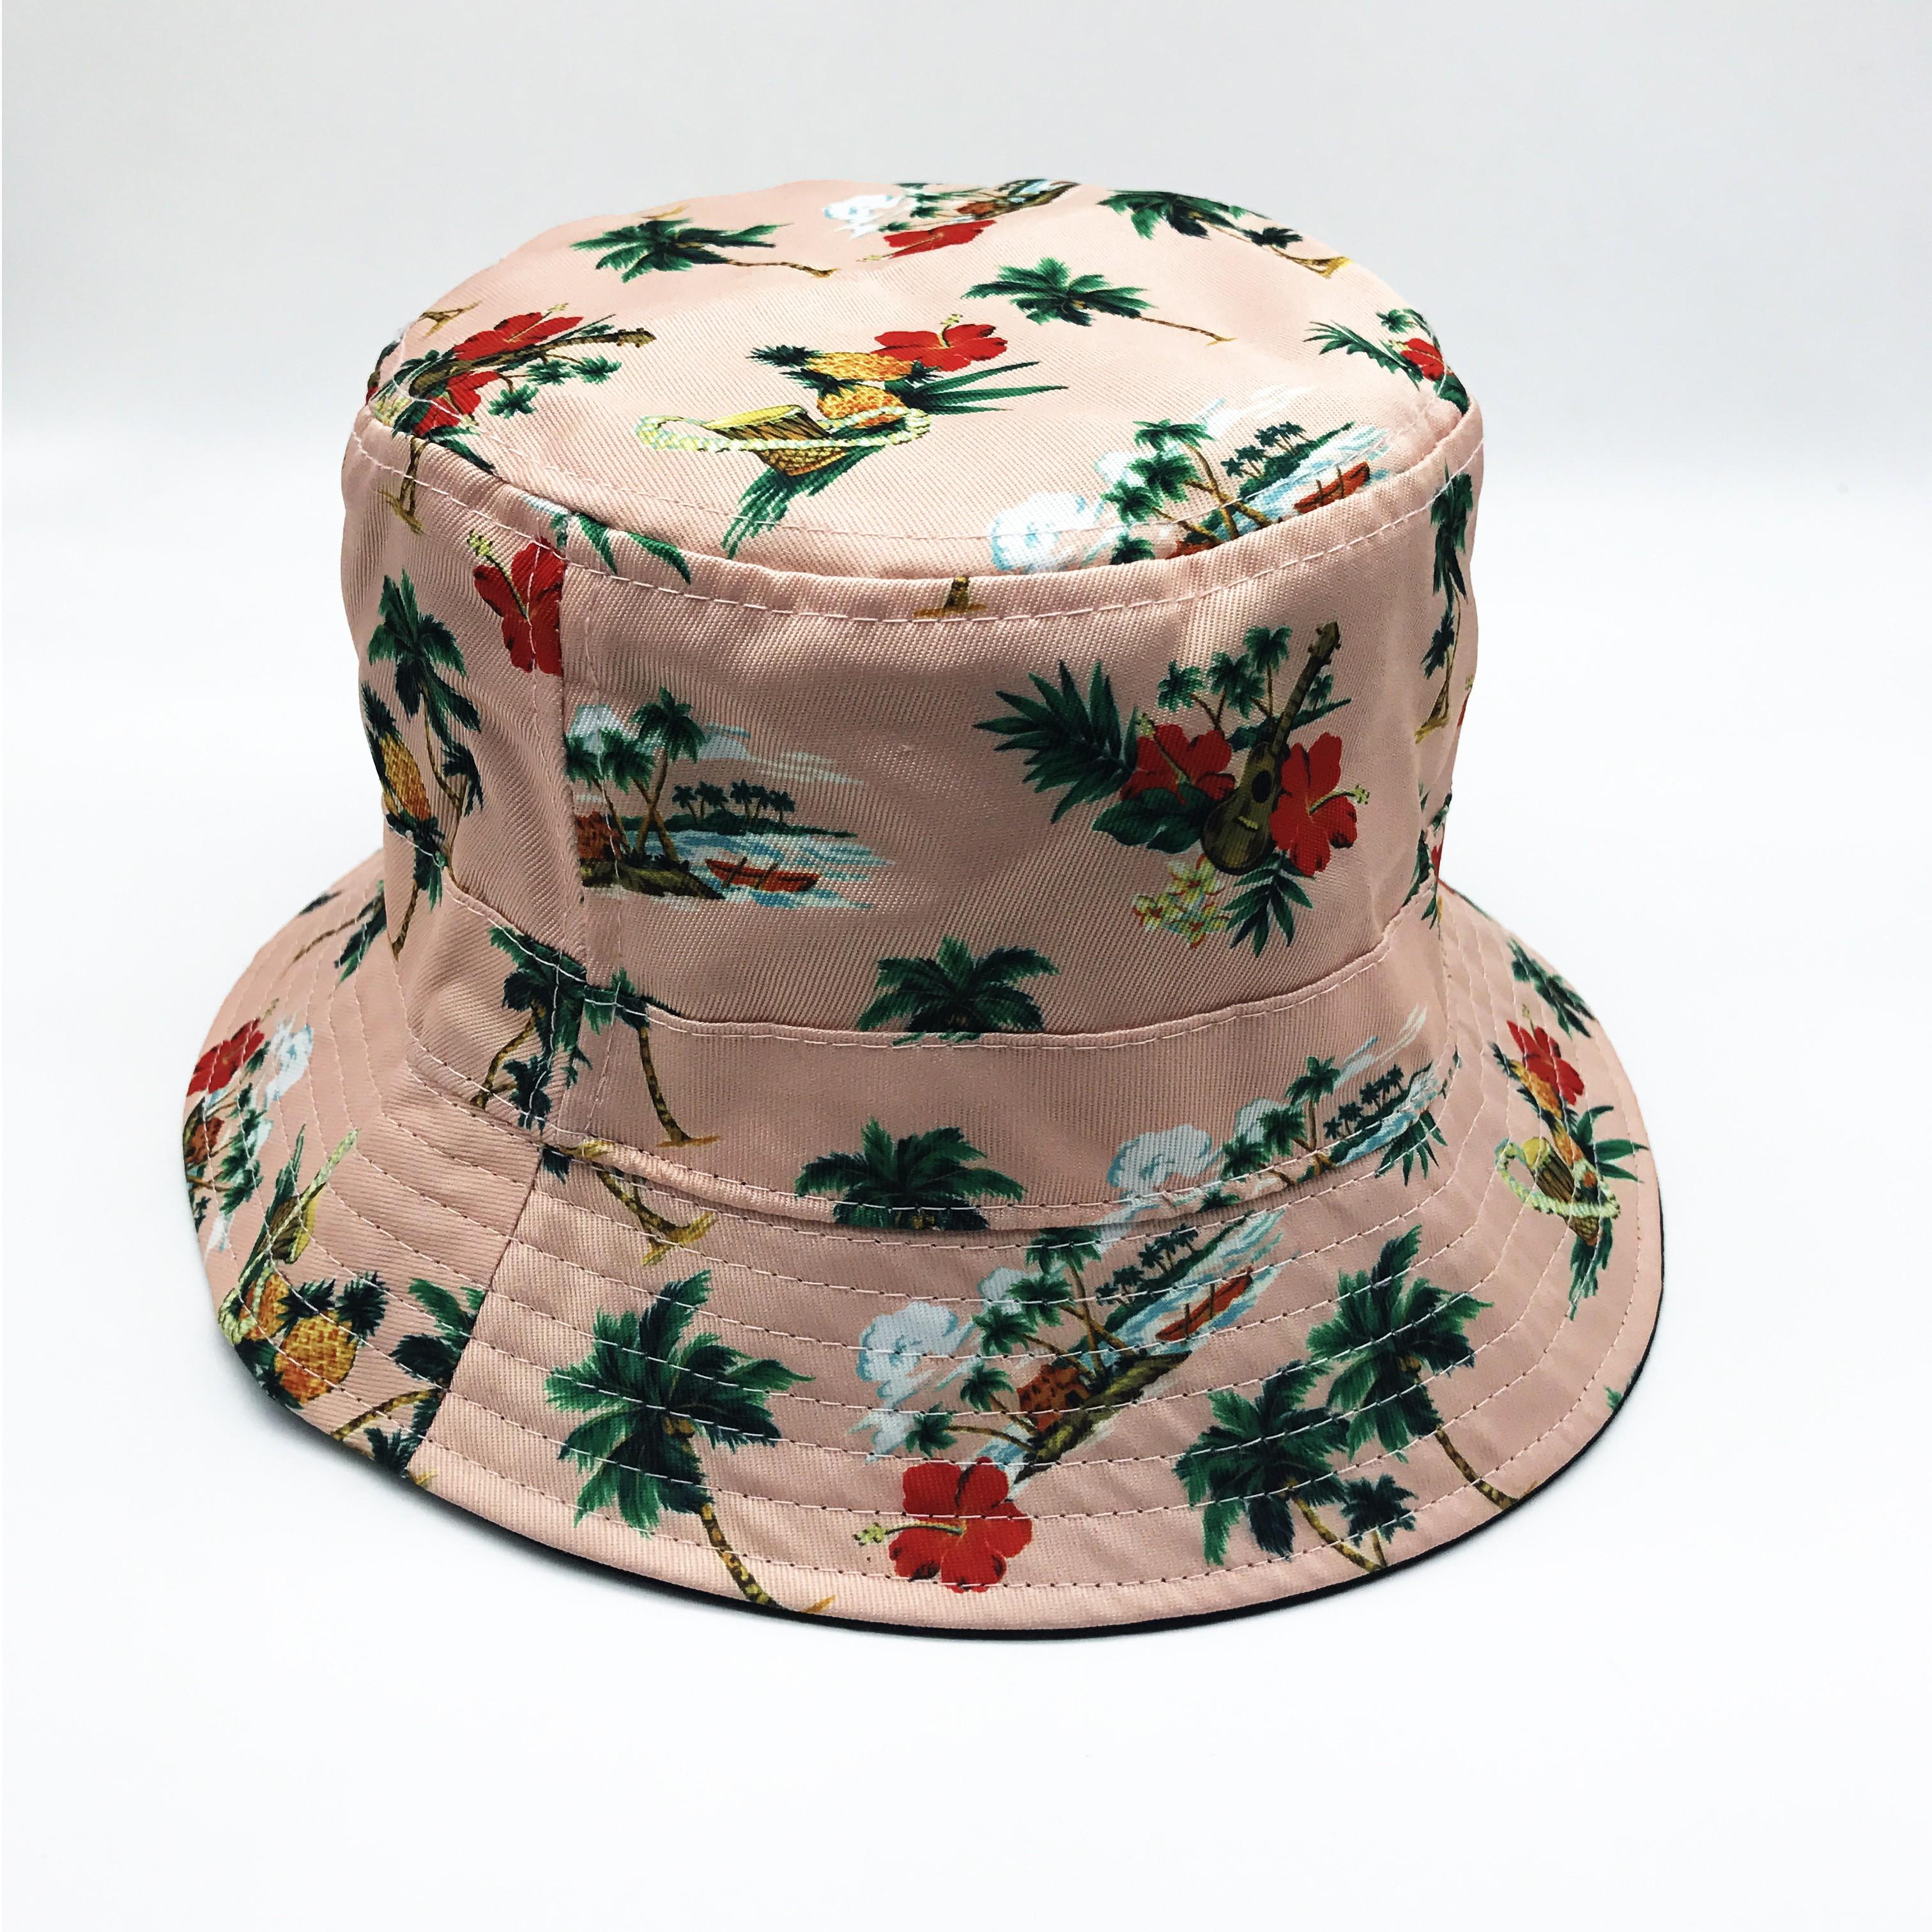 DUSTY PINK REVERSIBLE BUCKET HAT